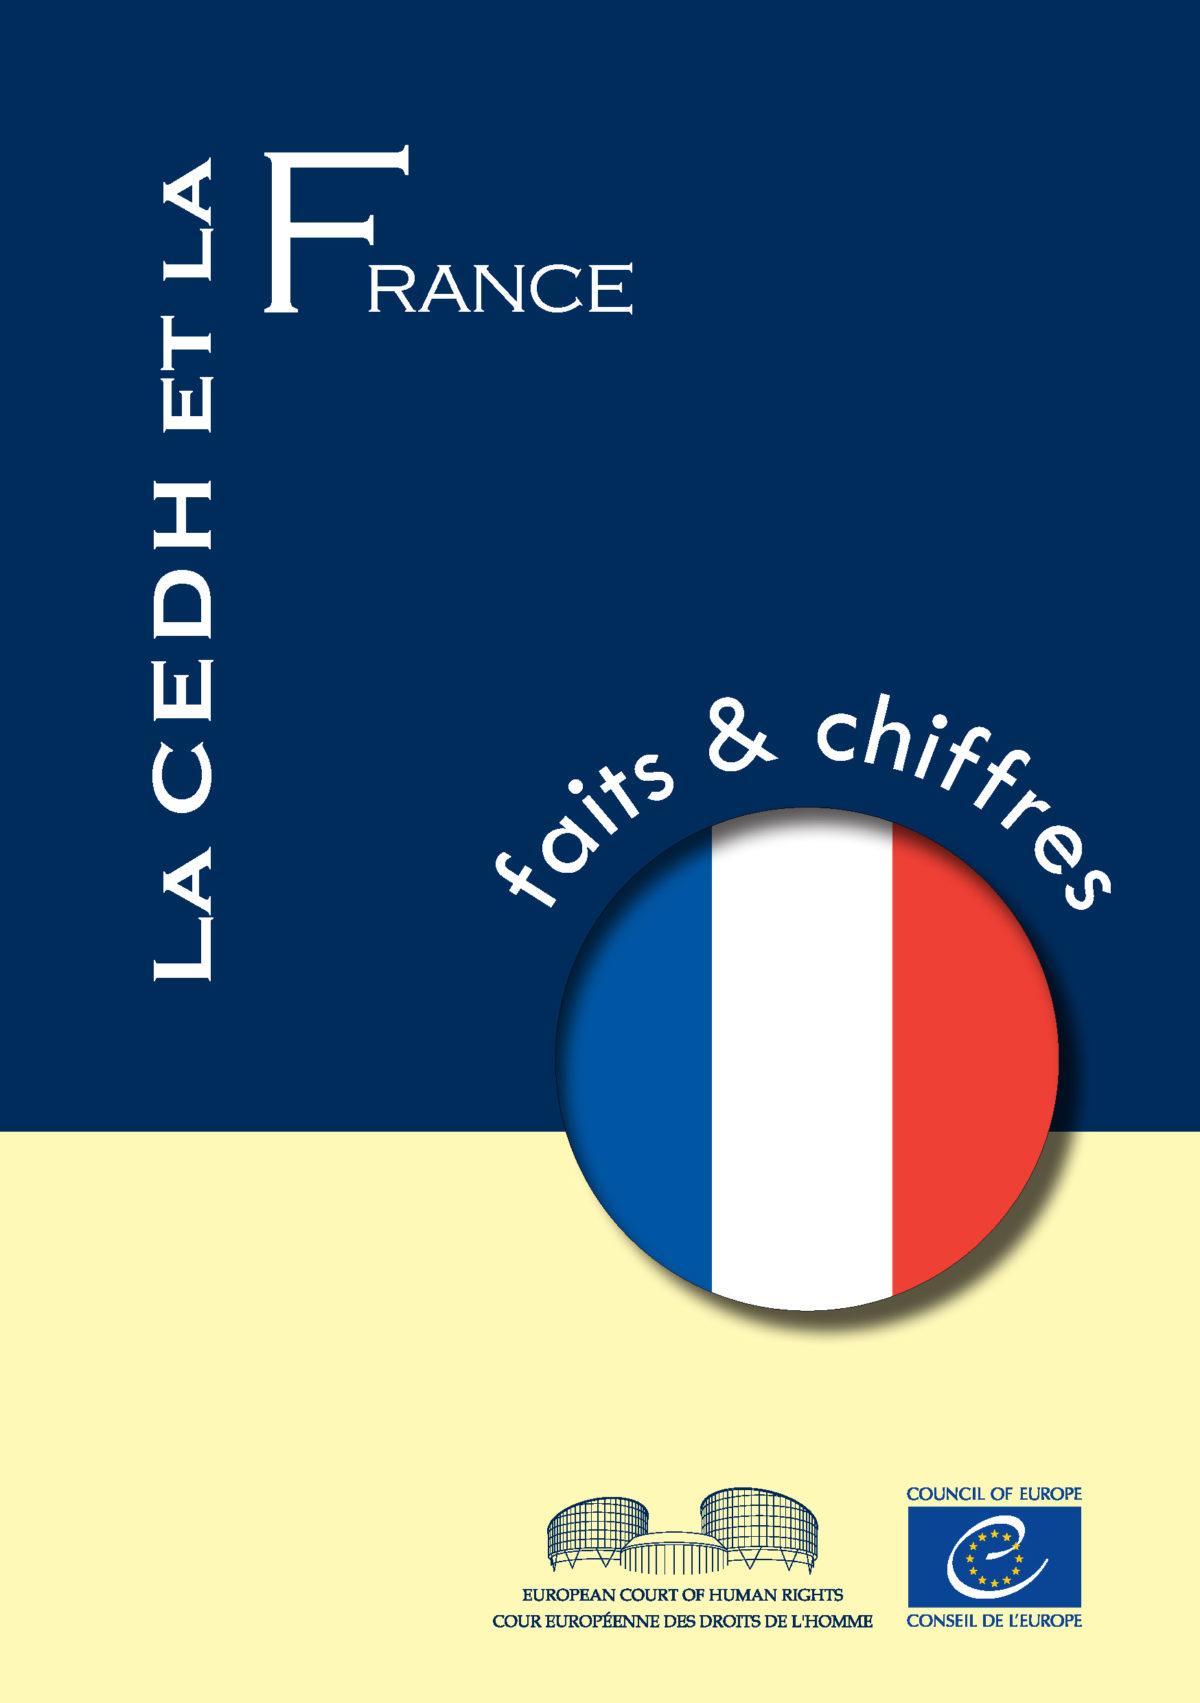 La Cour Européenne des Droits de l'Homme (CEDH) : quels sont les faits et les chiffres pour la France ?